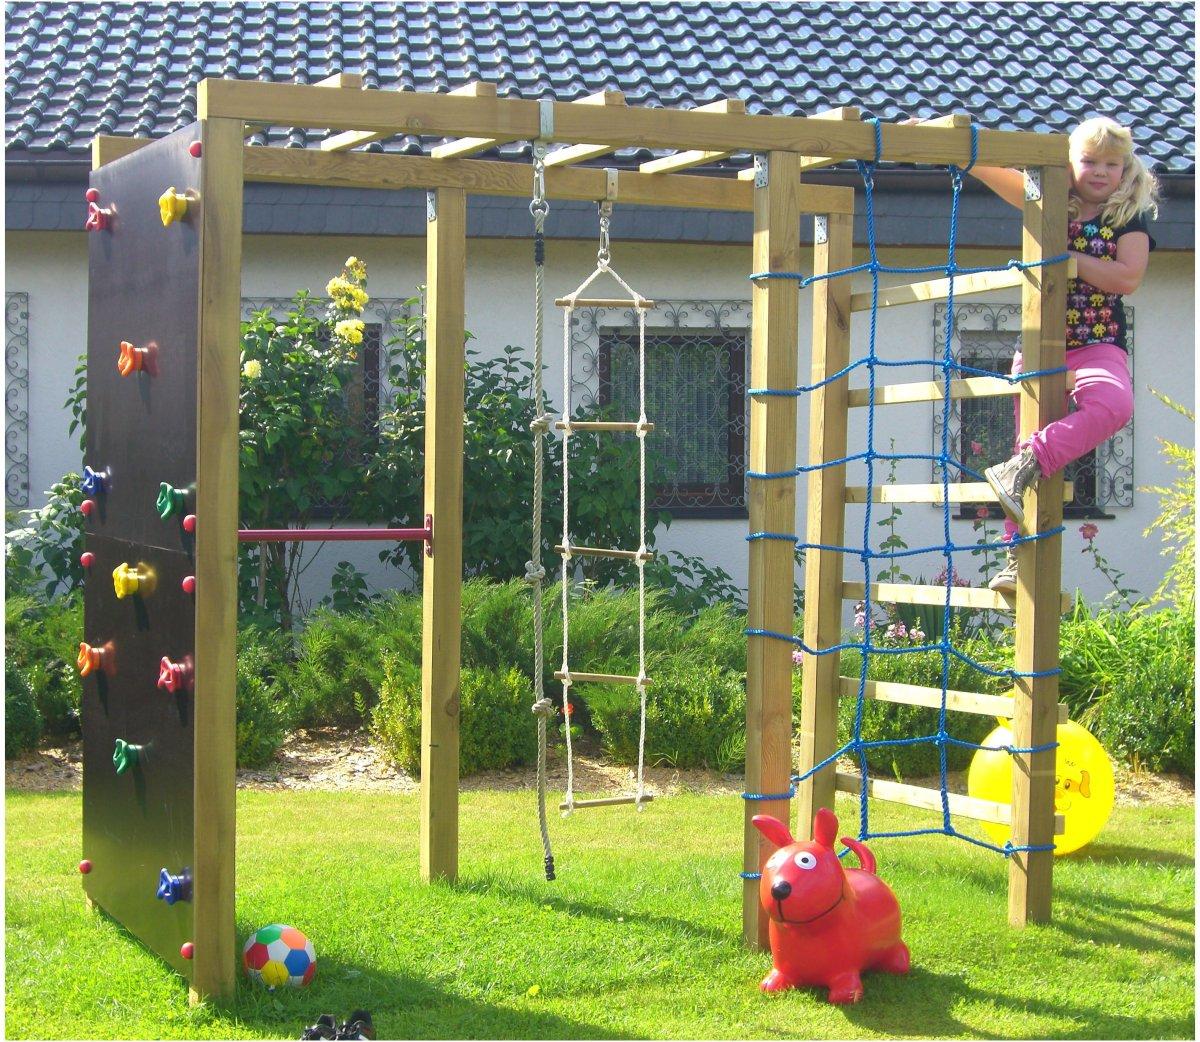 xxl kletterger st 2 4m kletterturm spielturm mit kletternetz reckstange leiter kaufen bei. Black Bedroom Furniture Sets. Home Design Ideas